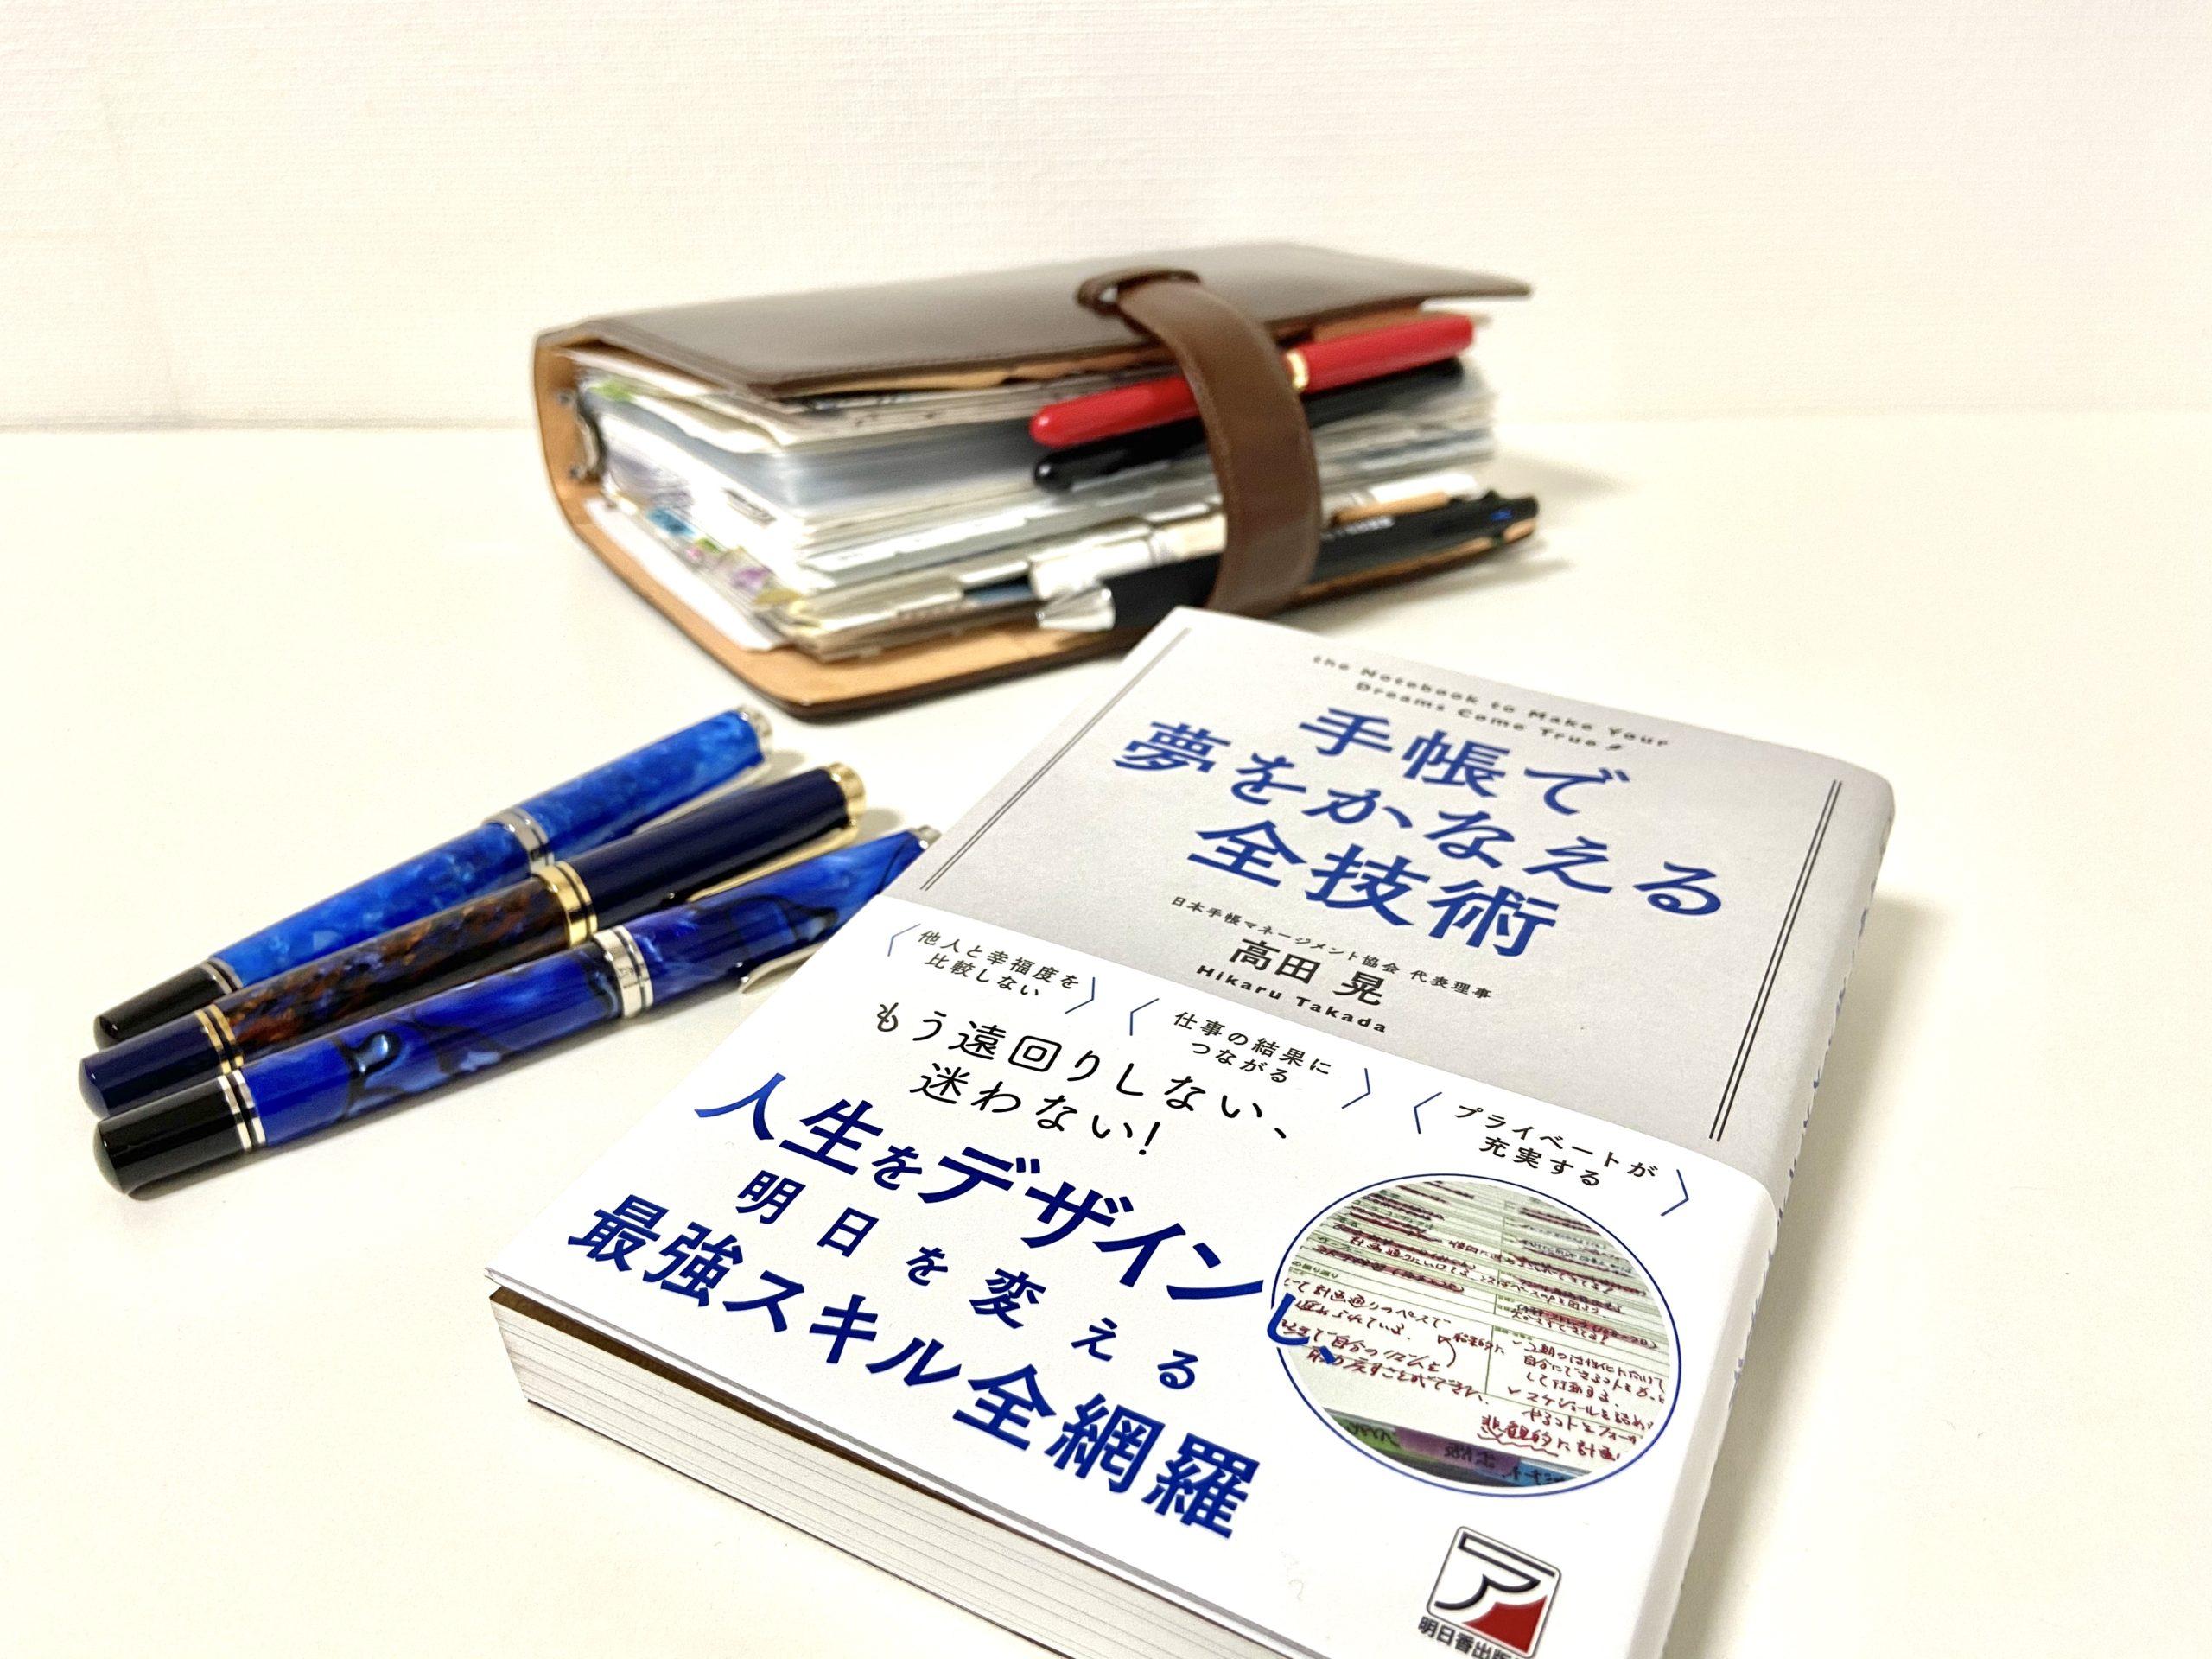 【会員限定】2020年10月度『手帳シェア会』(出版記念特別編)収録動画